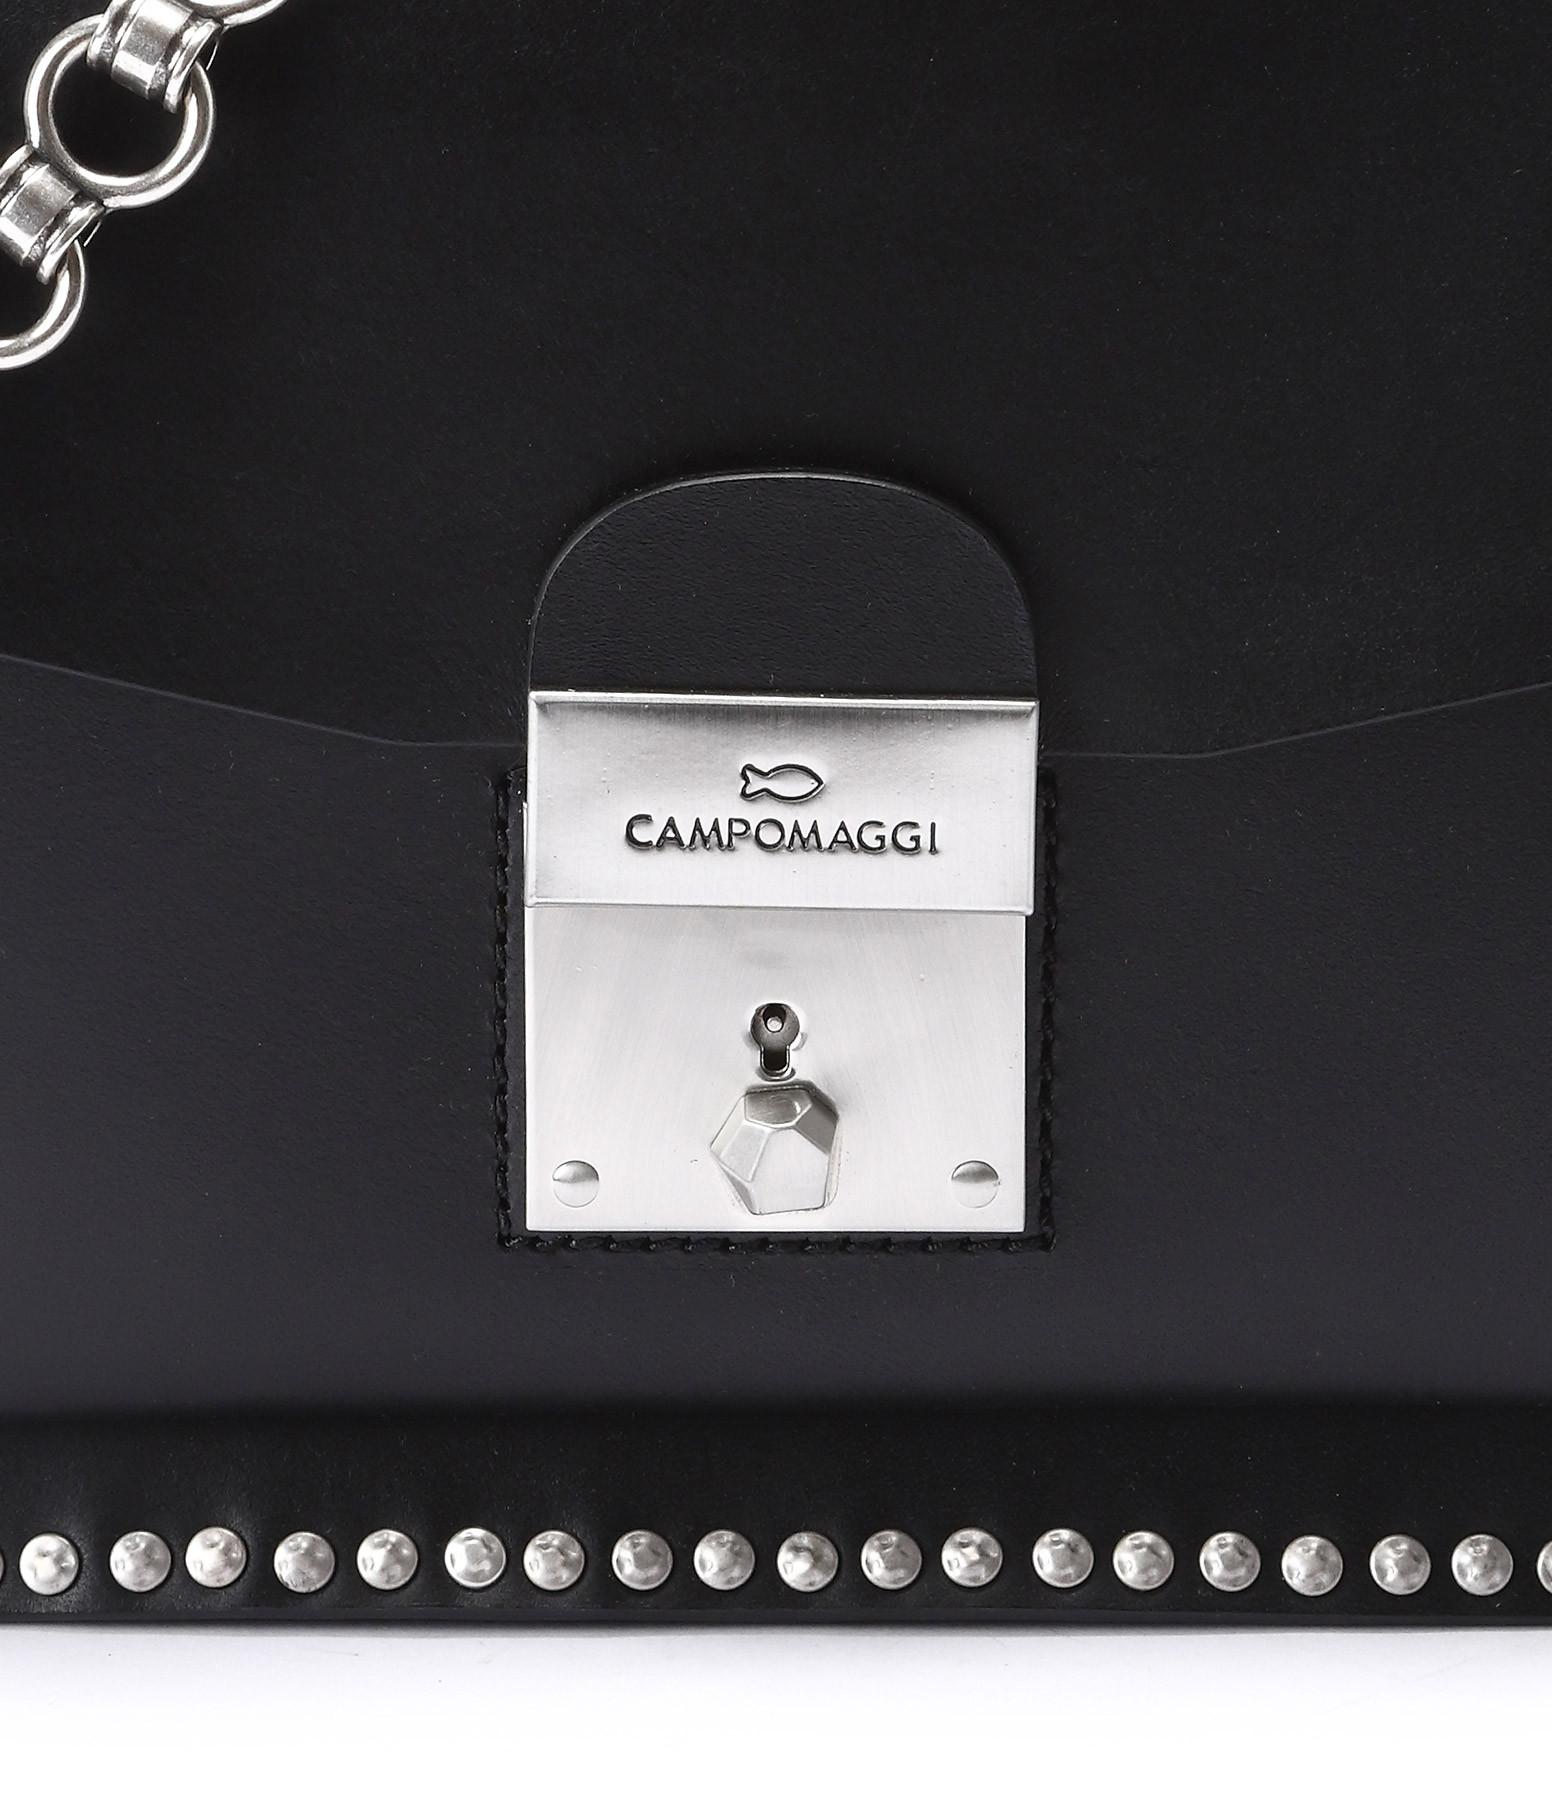 CAMPOMAGGI - Sac Cartable S Cuir Noir